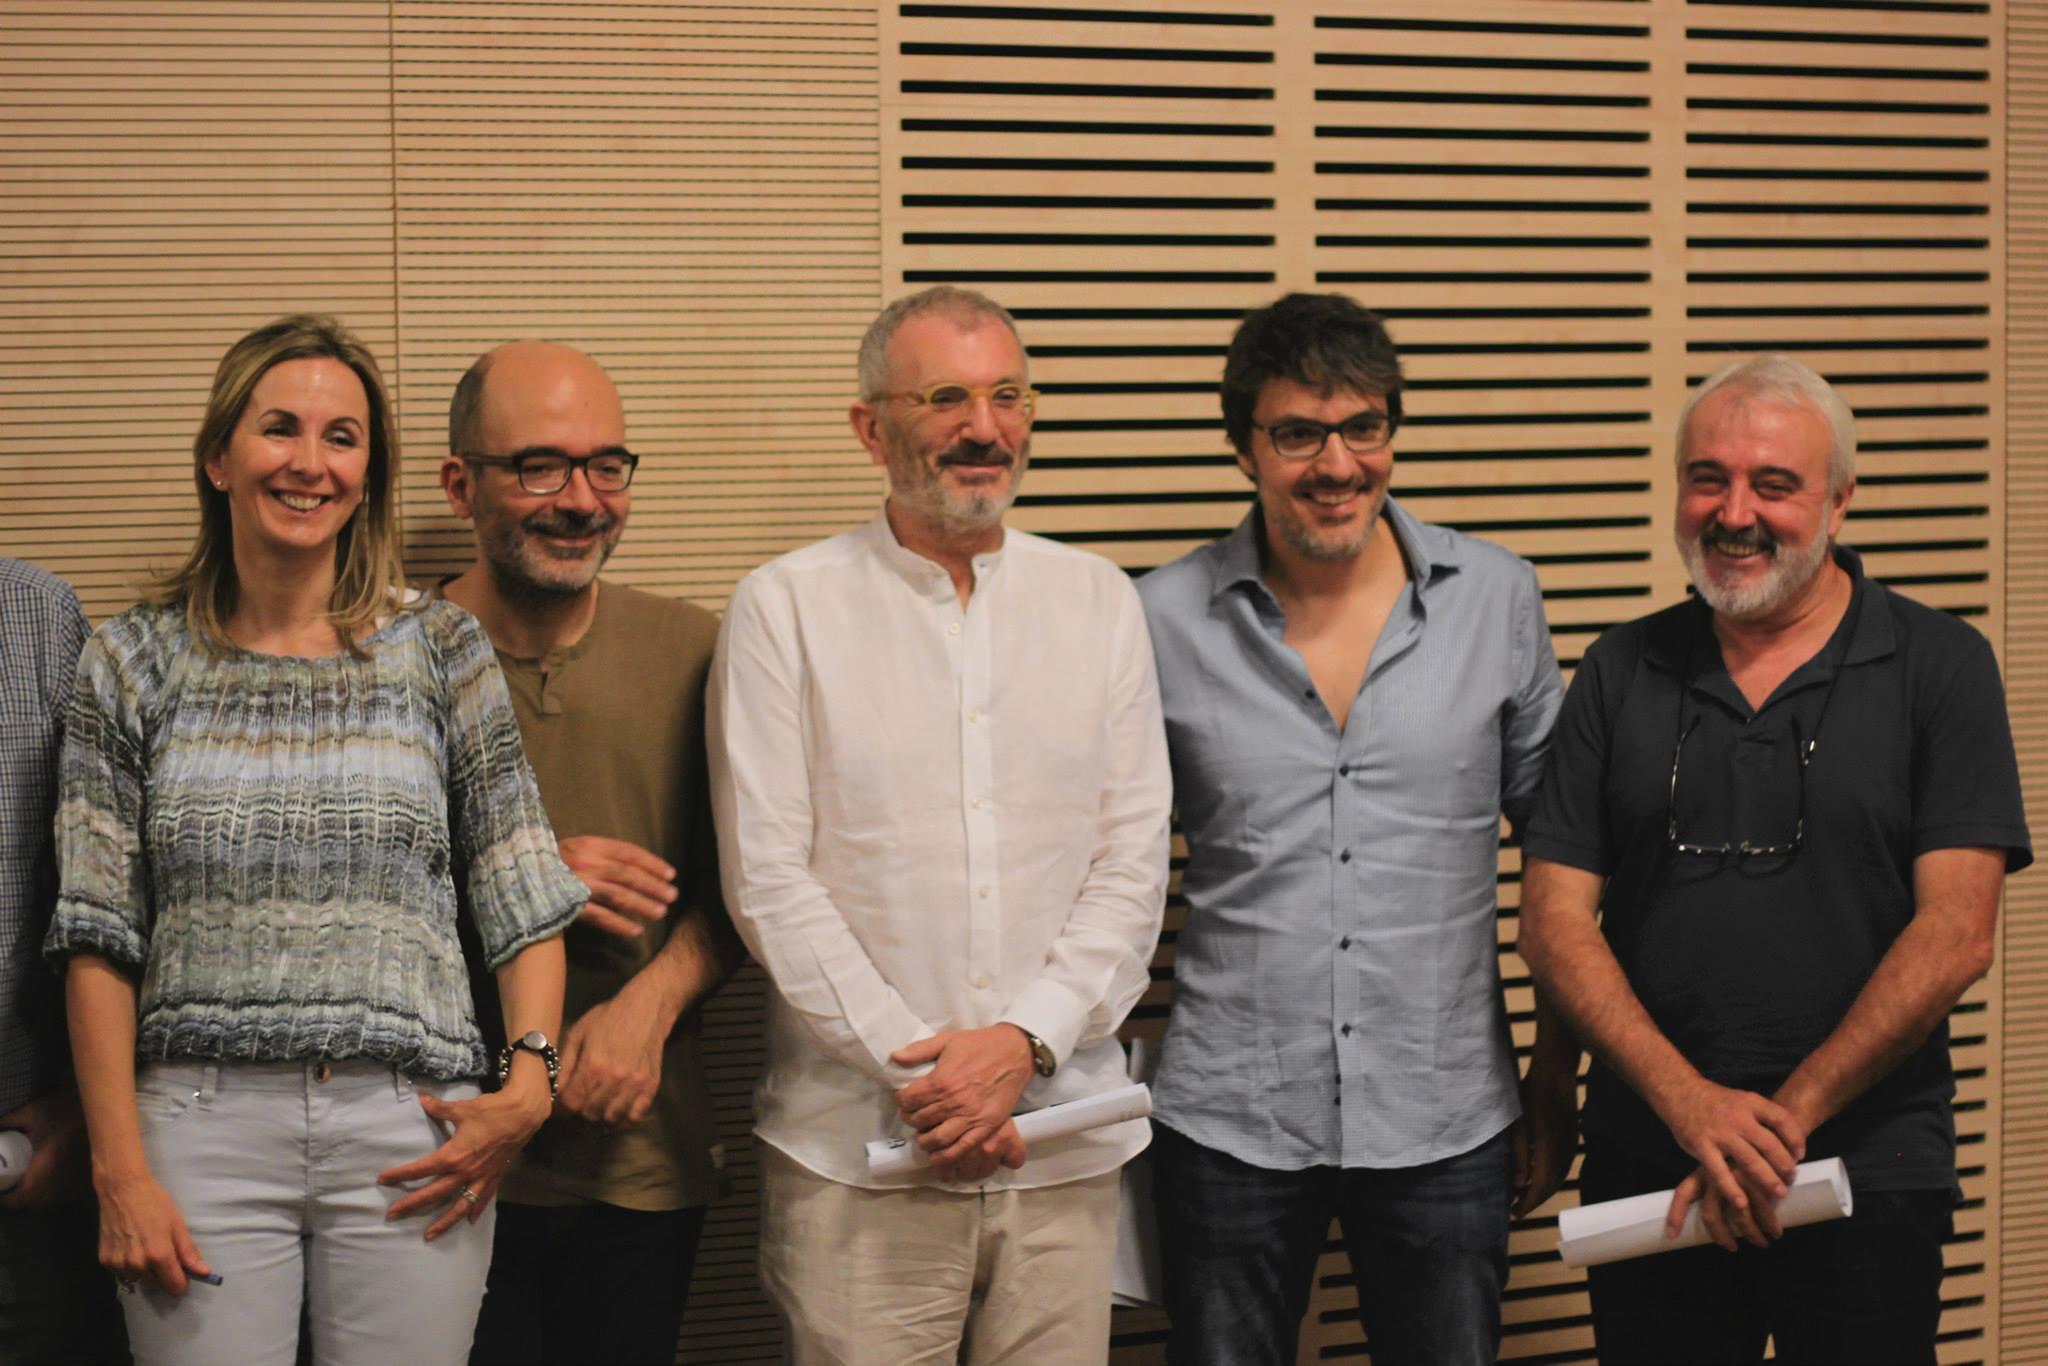 Mar Gómiz, Ángel Salguero, Antonio Valero, Jordi Ballester y Paco Alegre.